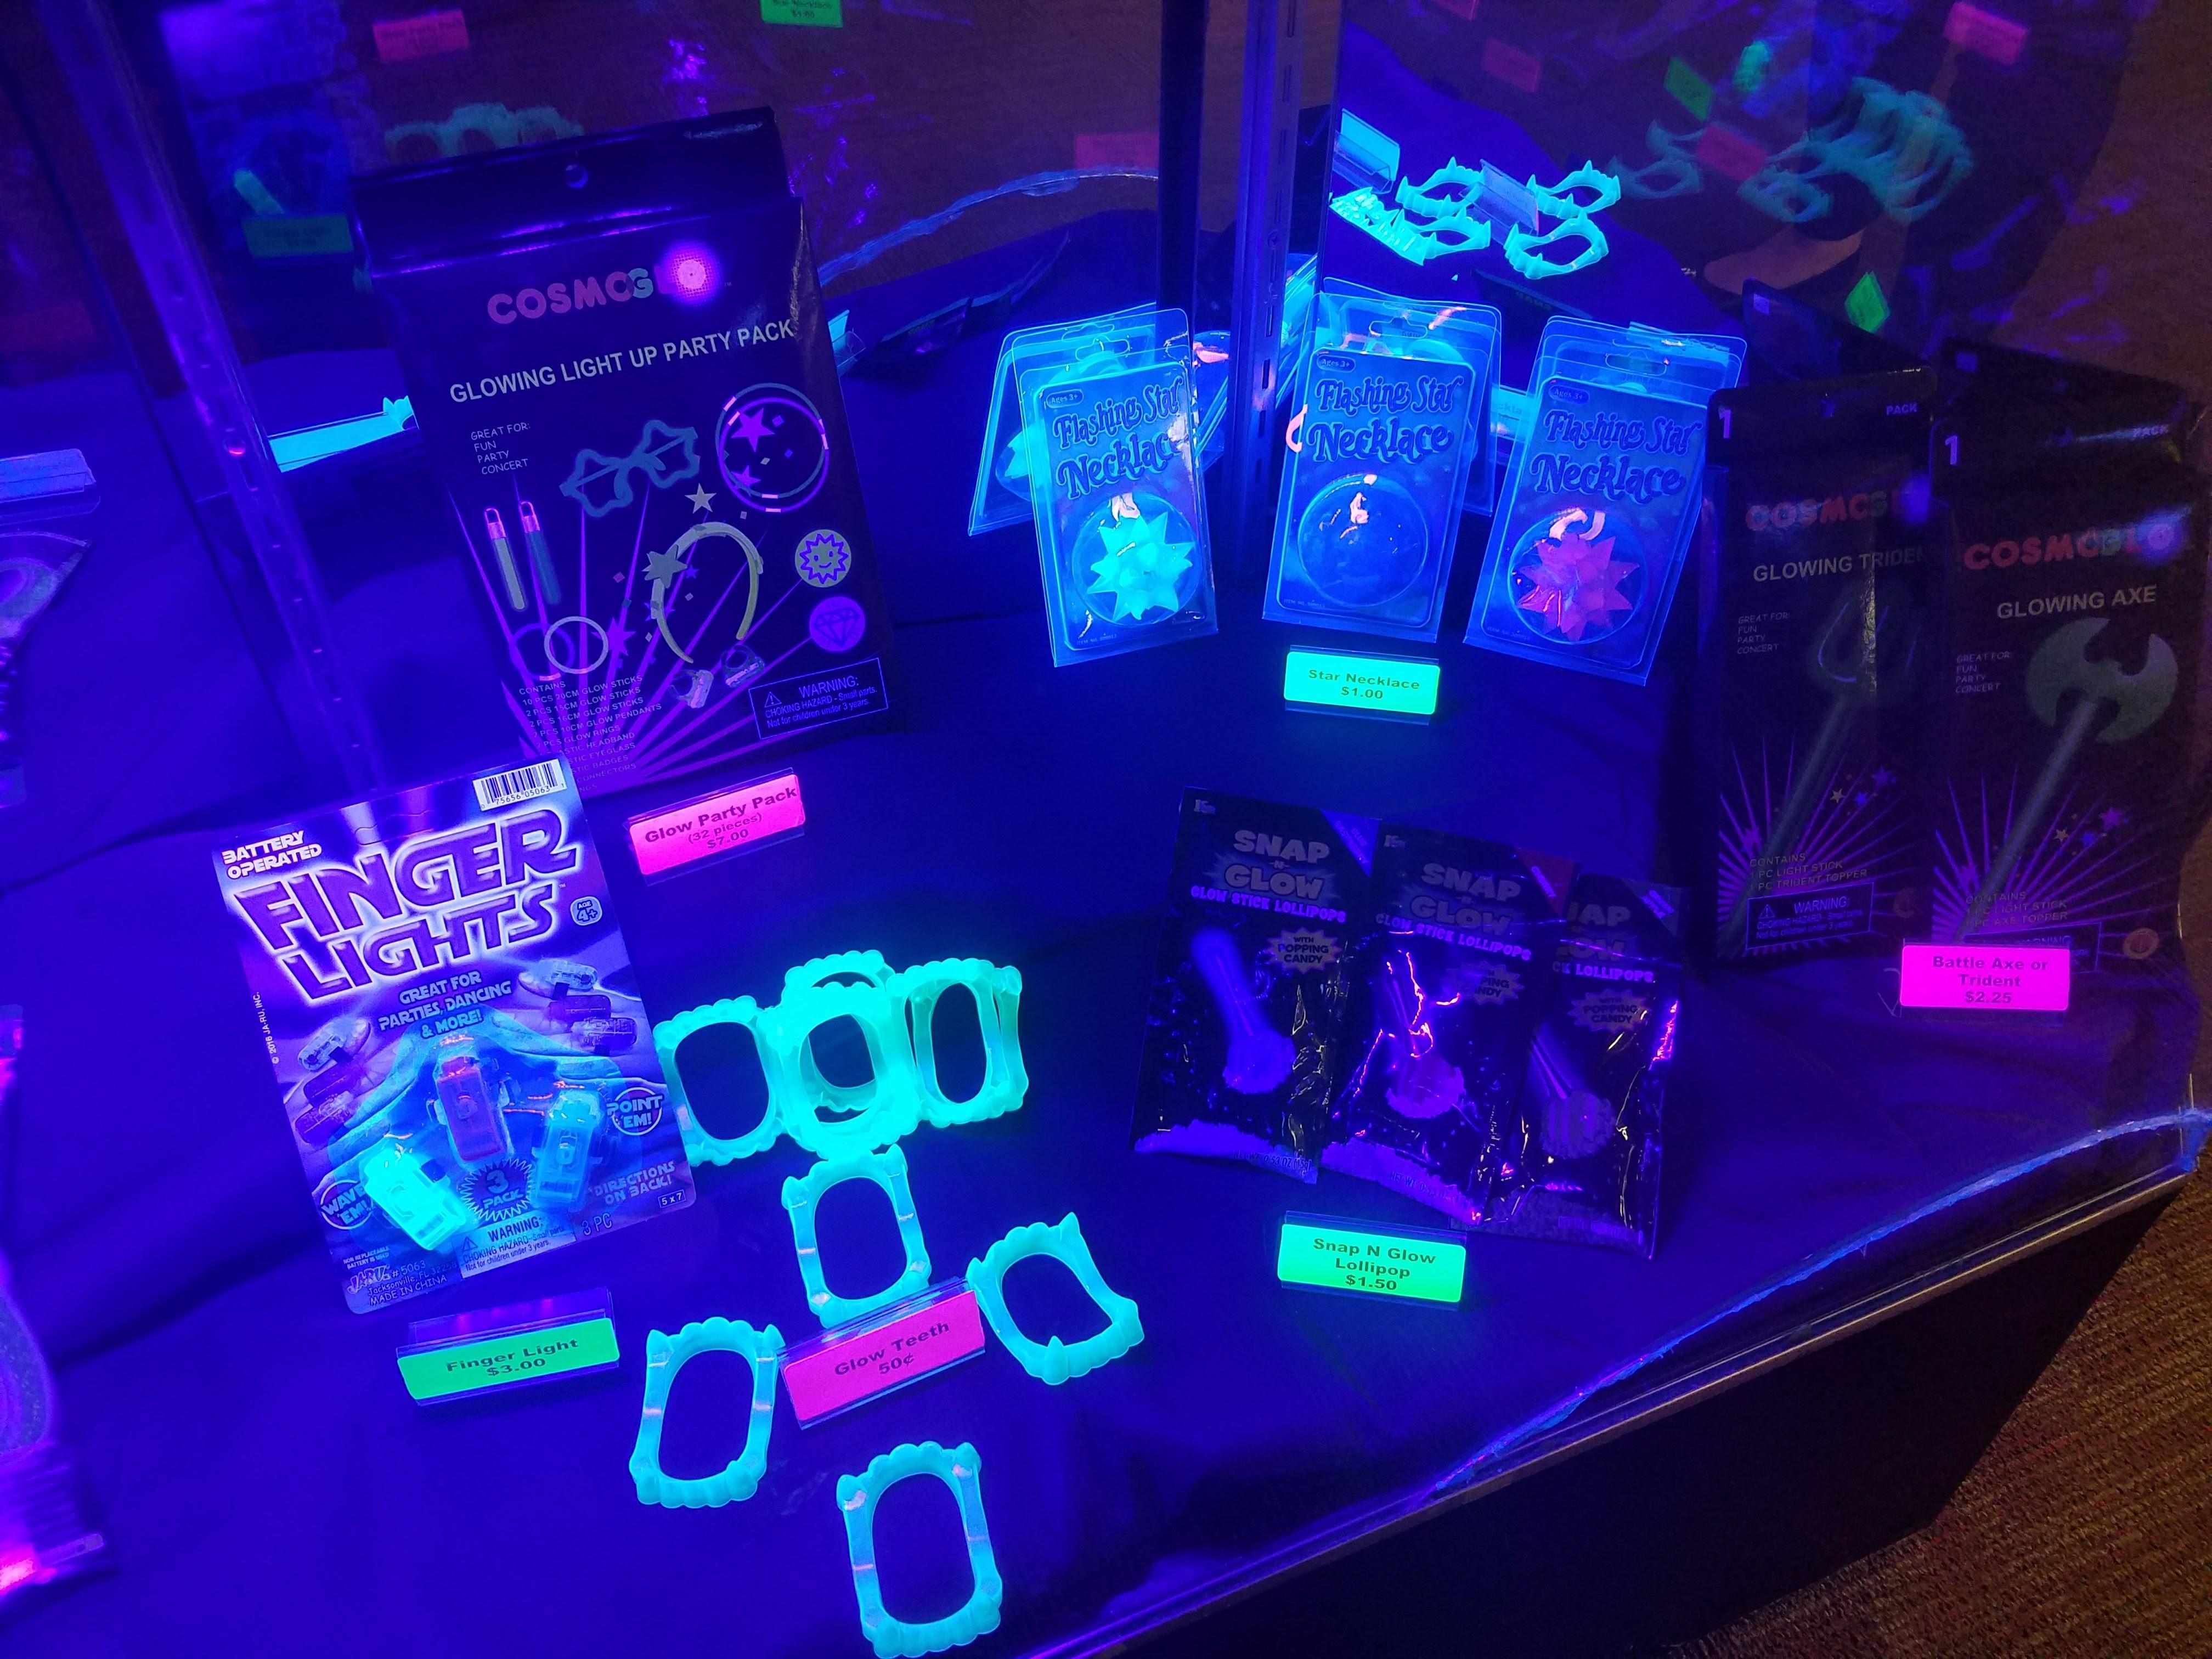 glow merchandise | glow gear | #showyourglow | glow bowling | Odyssey Fun Center | Sheboygan Falls WI